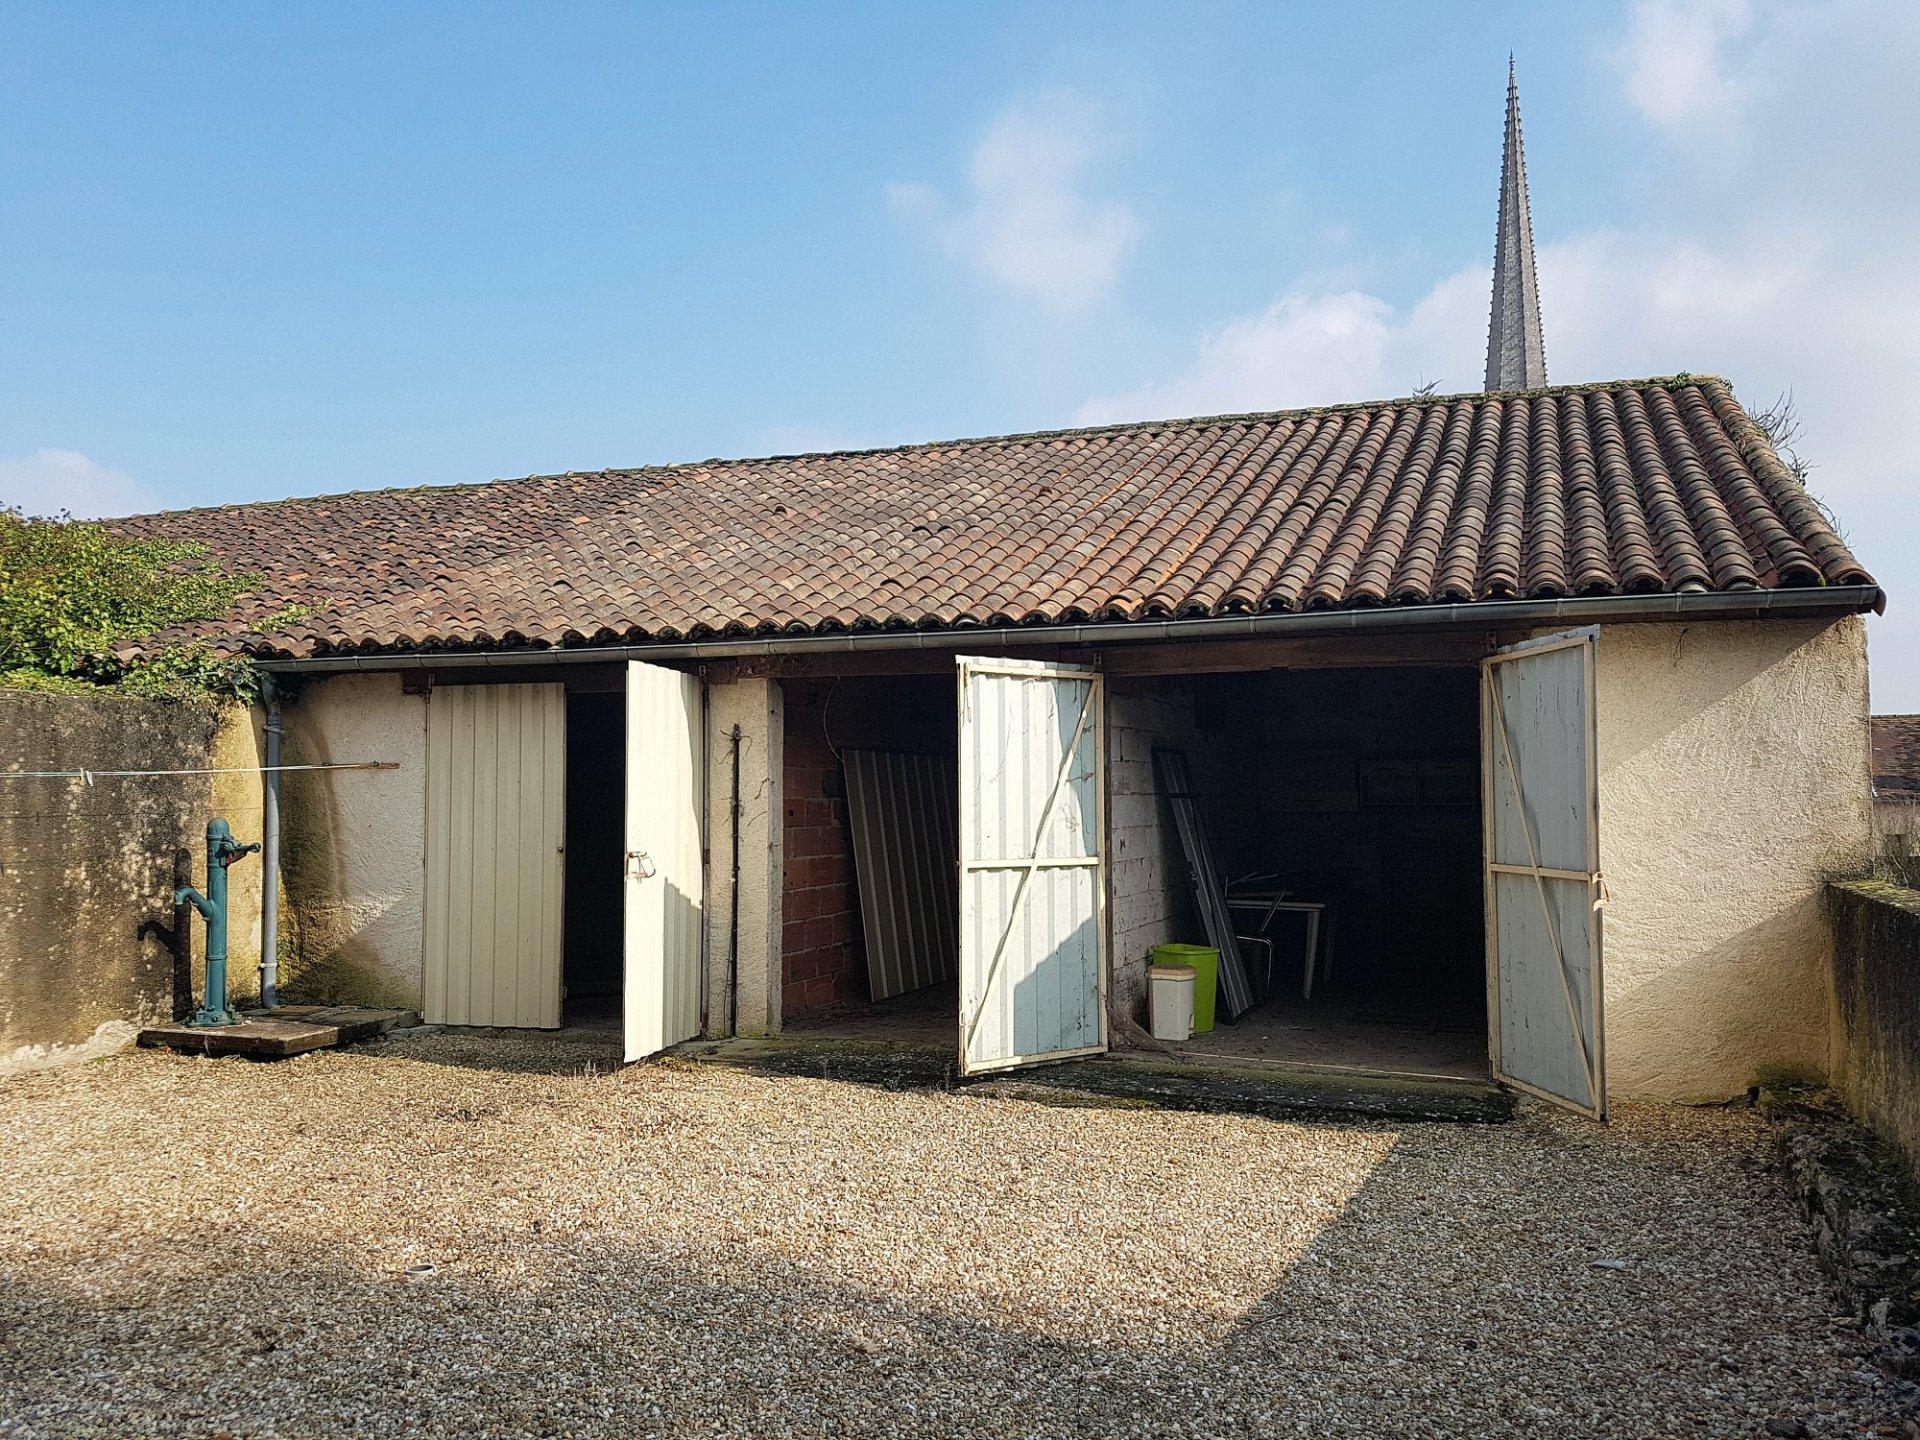 Twee huizen met garages en binnenplaats in het centrum van St. Savin